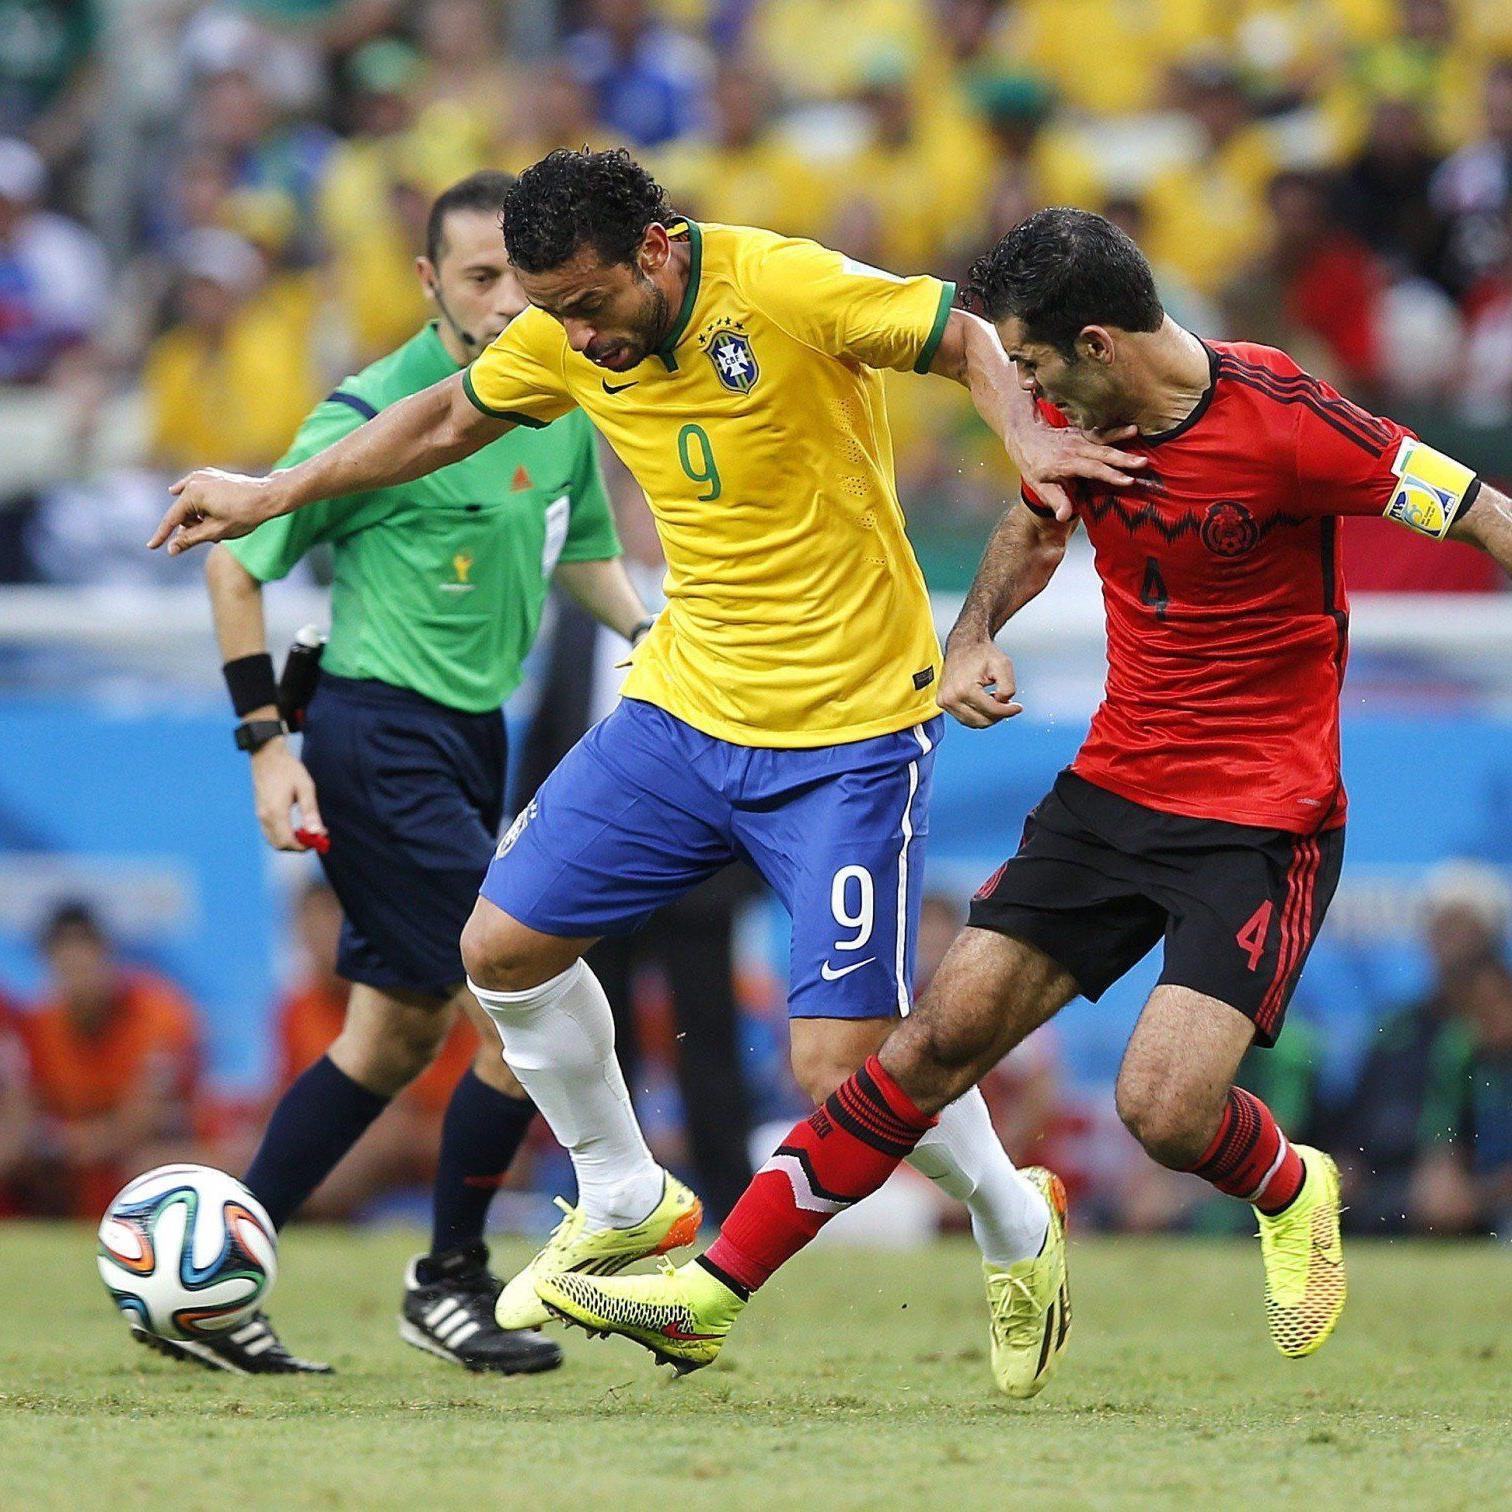 Brasilien und Mexiko trennten sich nach einem intensiven Spiel mit einem torlosen Remis.